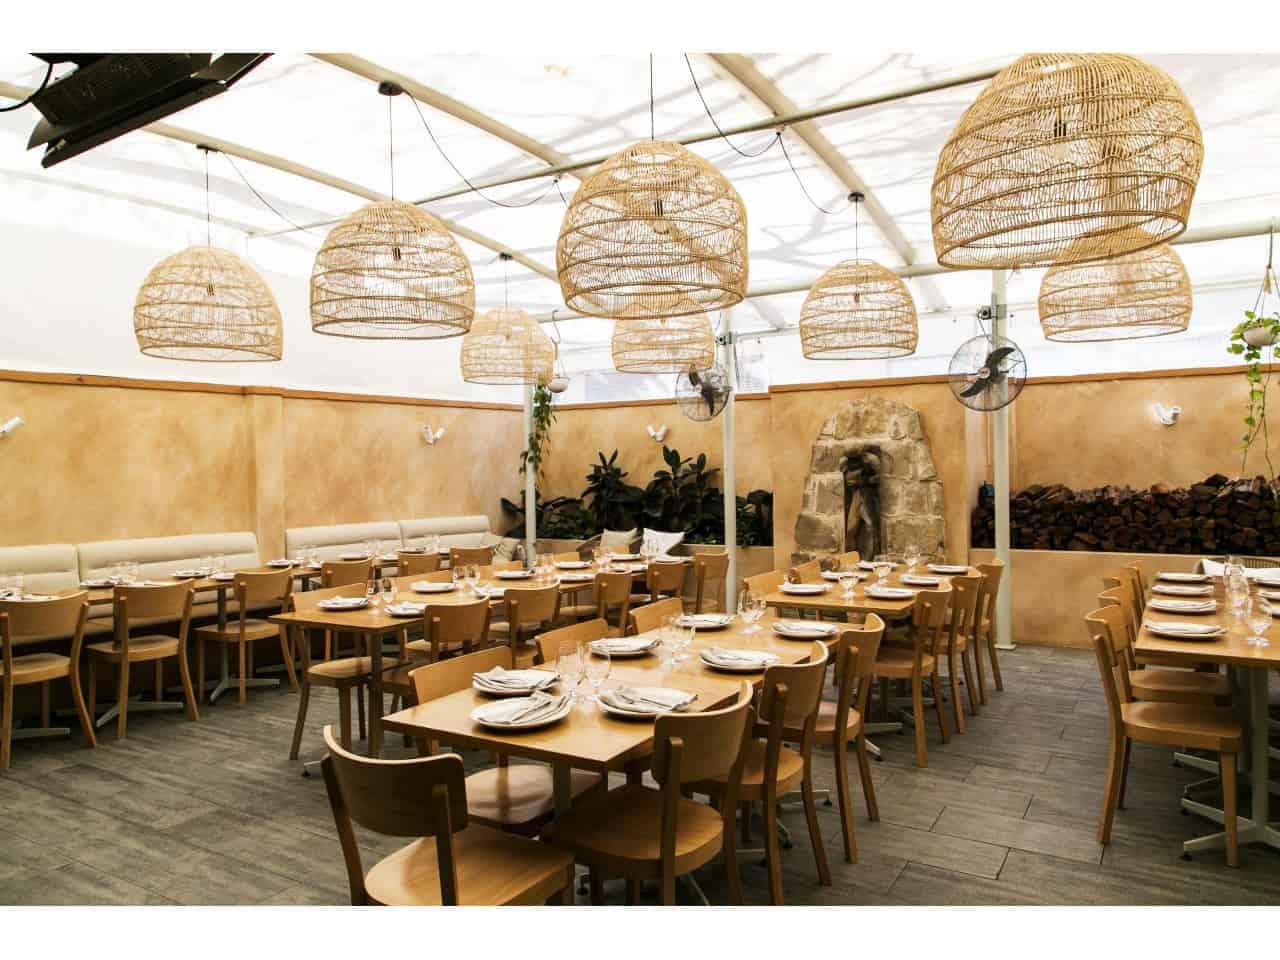 Unique dining venue